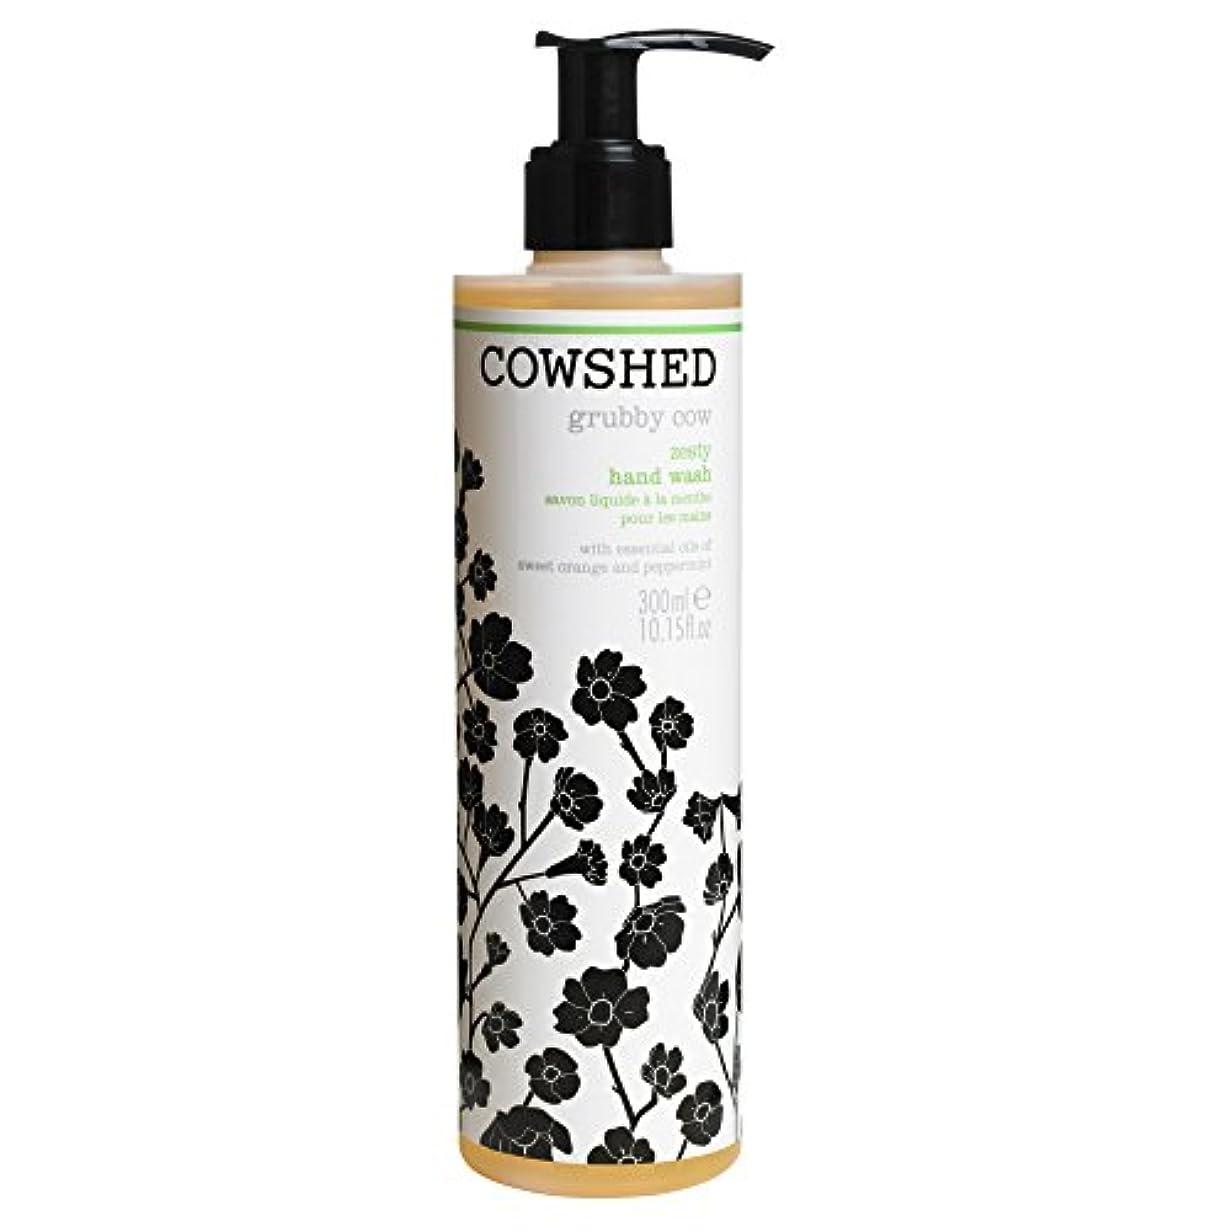 に負ける資本主義り牛舎汚い牛ピリッハンドウォッシュ300ミリリットル (Cowshed) (x6) - Cowshed Grubby Cow Zesty Hand Wash 300ml (Pack of 6) [並行輸入品]